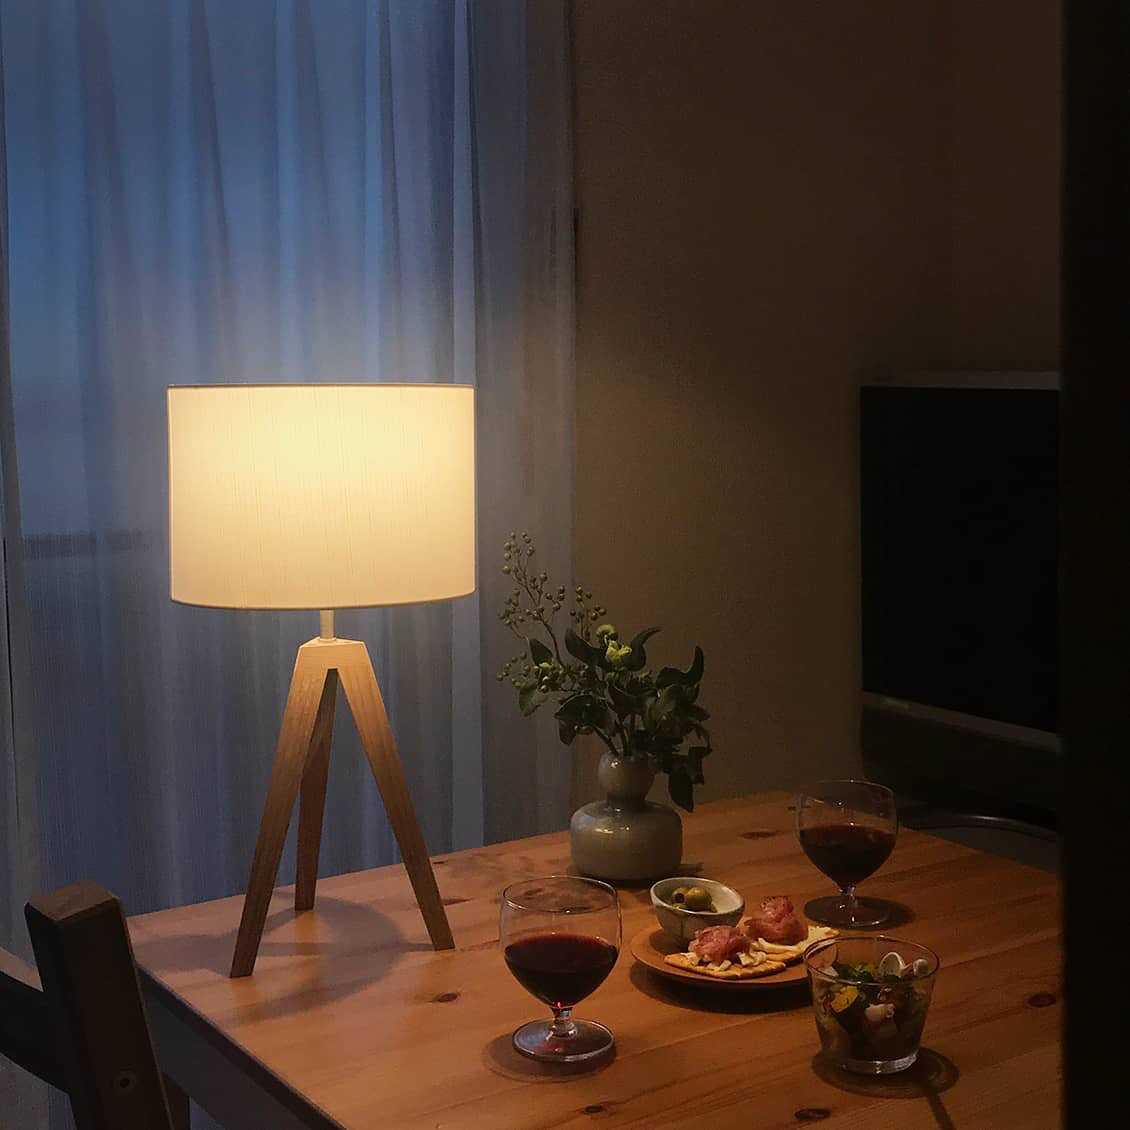 【スタッフの愛用品】温かな明かりでリラックスタイムを演出。夜時間がもっと好きになりました